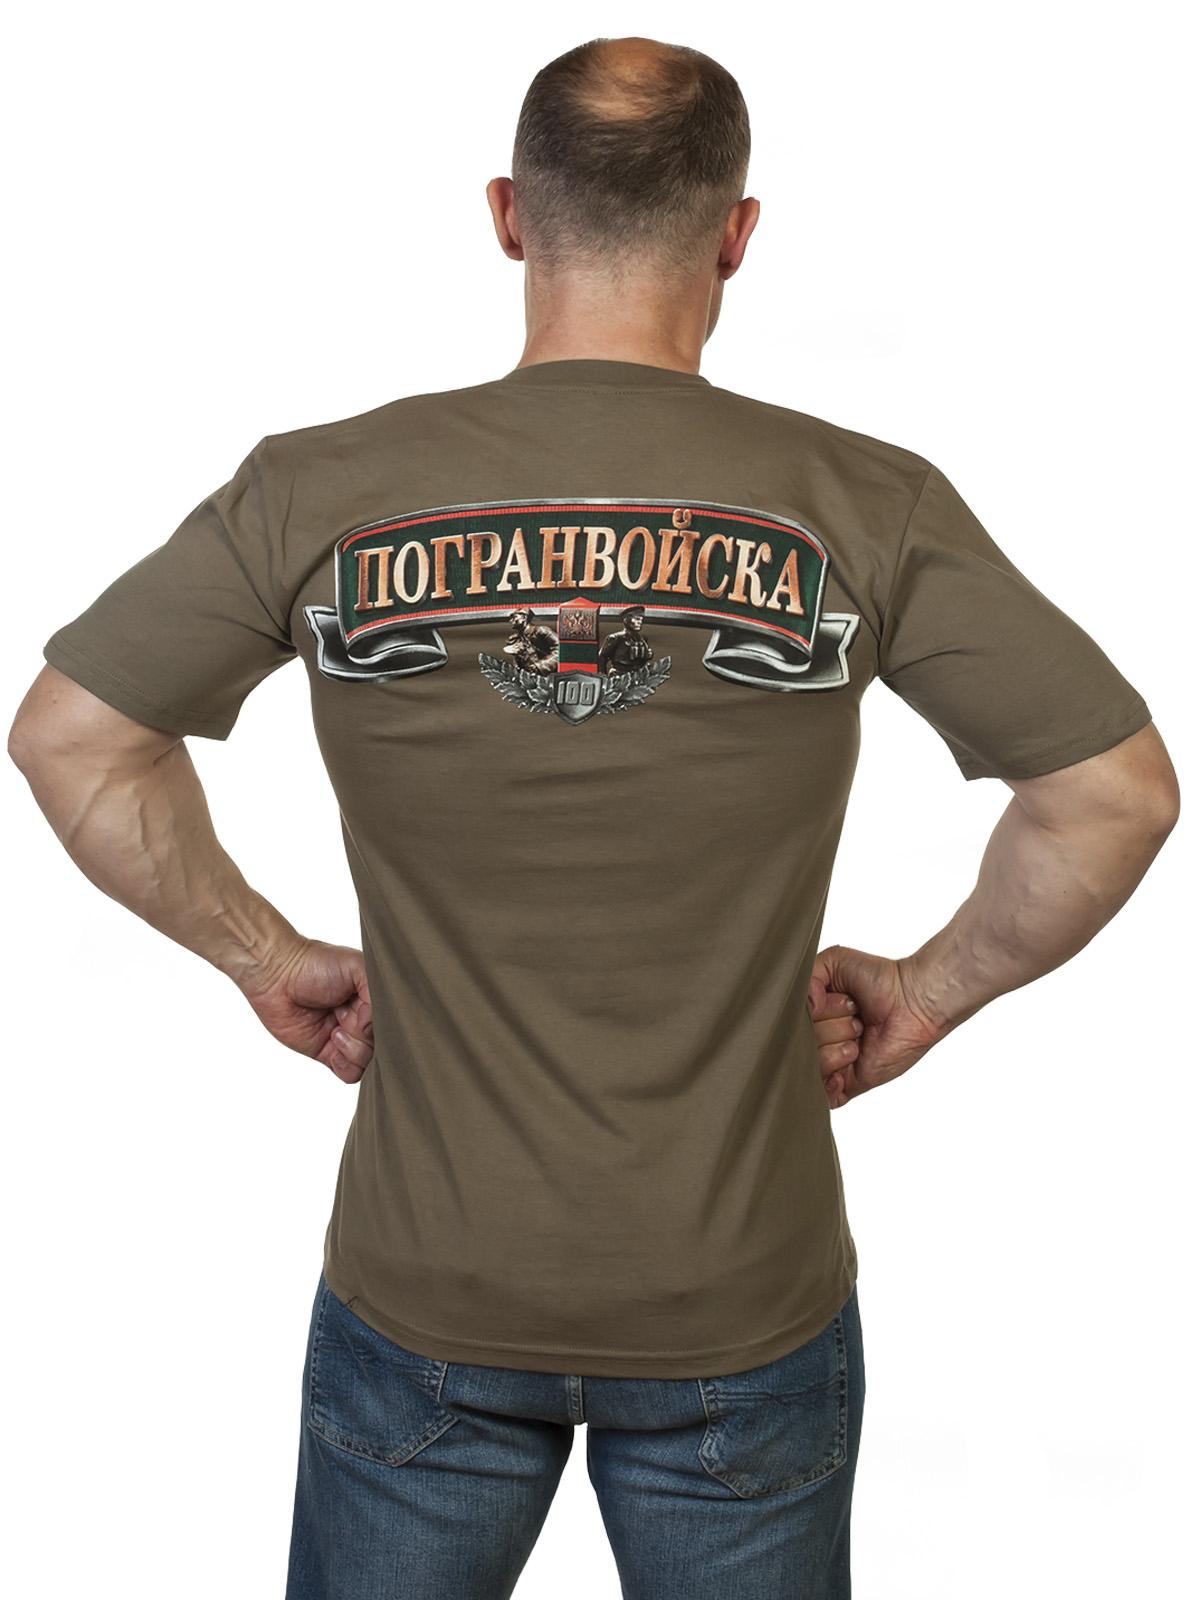 Футболка к 100-летию Пограничных войск по лучшей цене